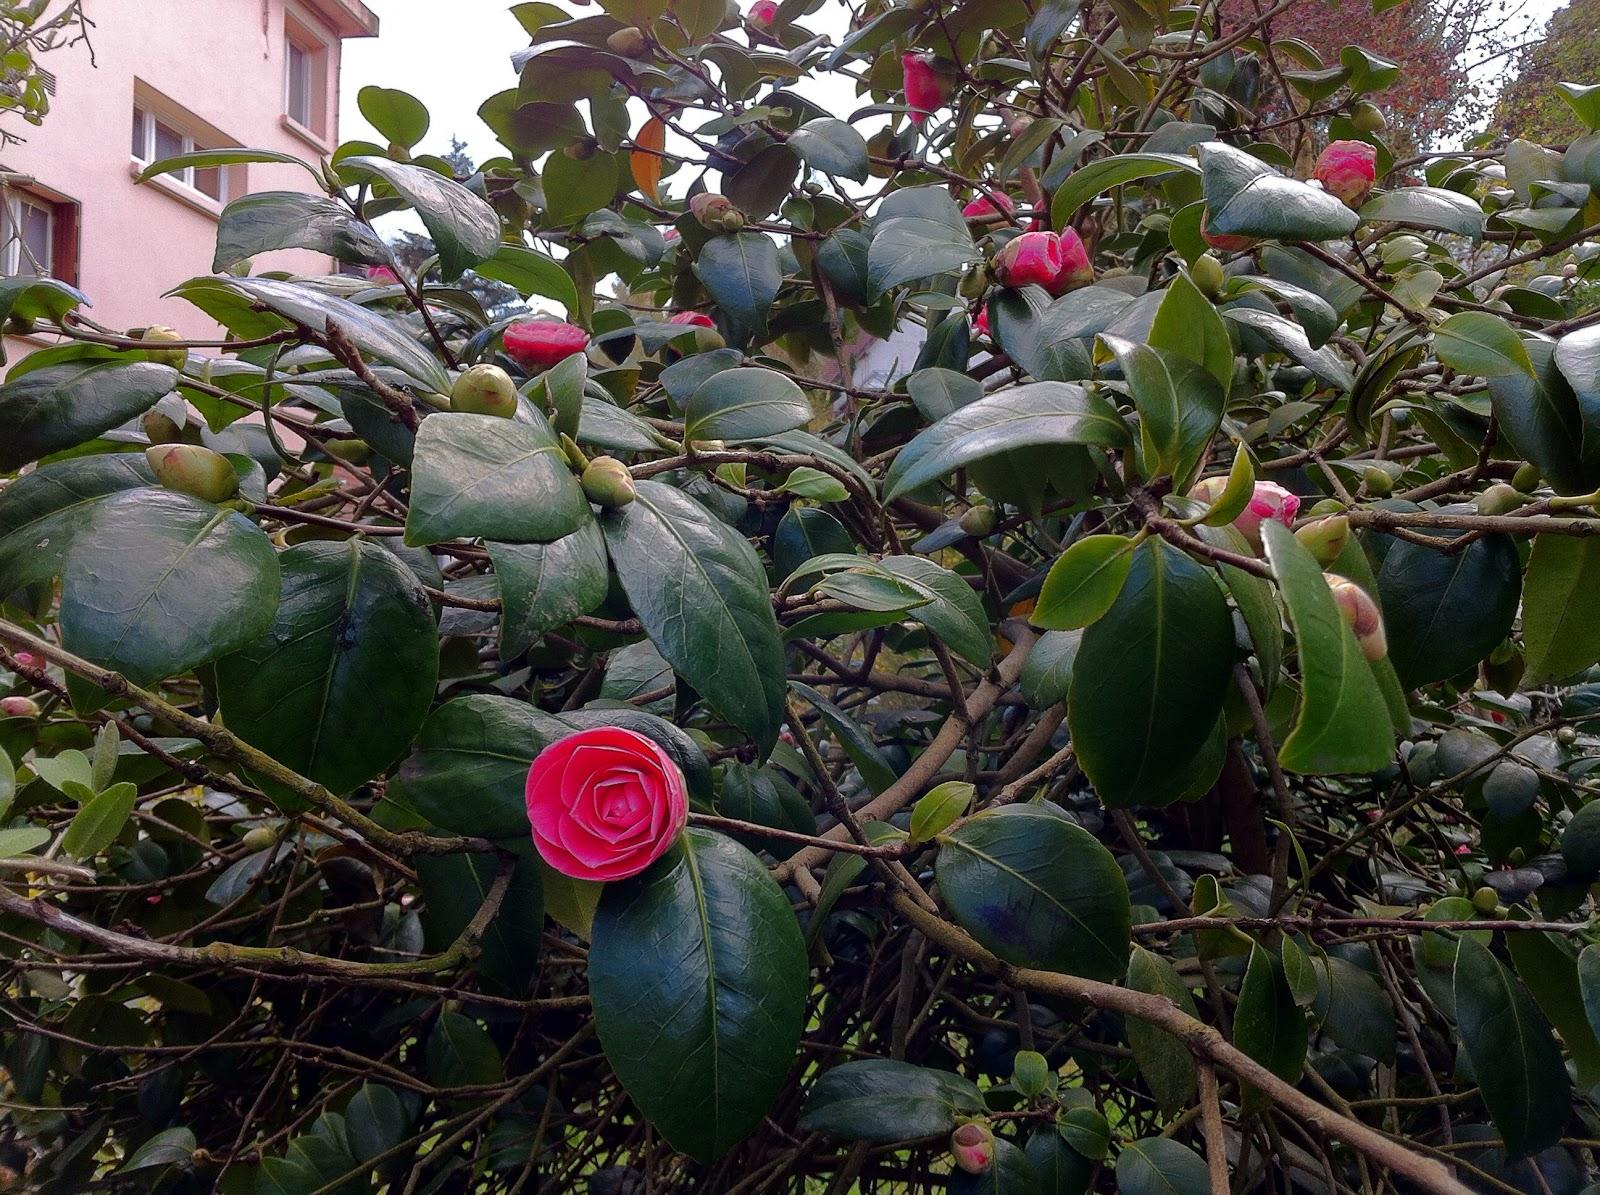 Mon jardin imparfait bois des moutiers vs mont saint aignan for Le jardin imparfait